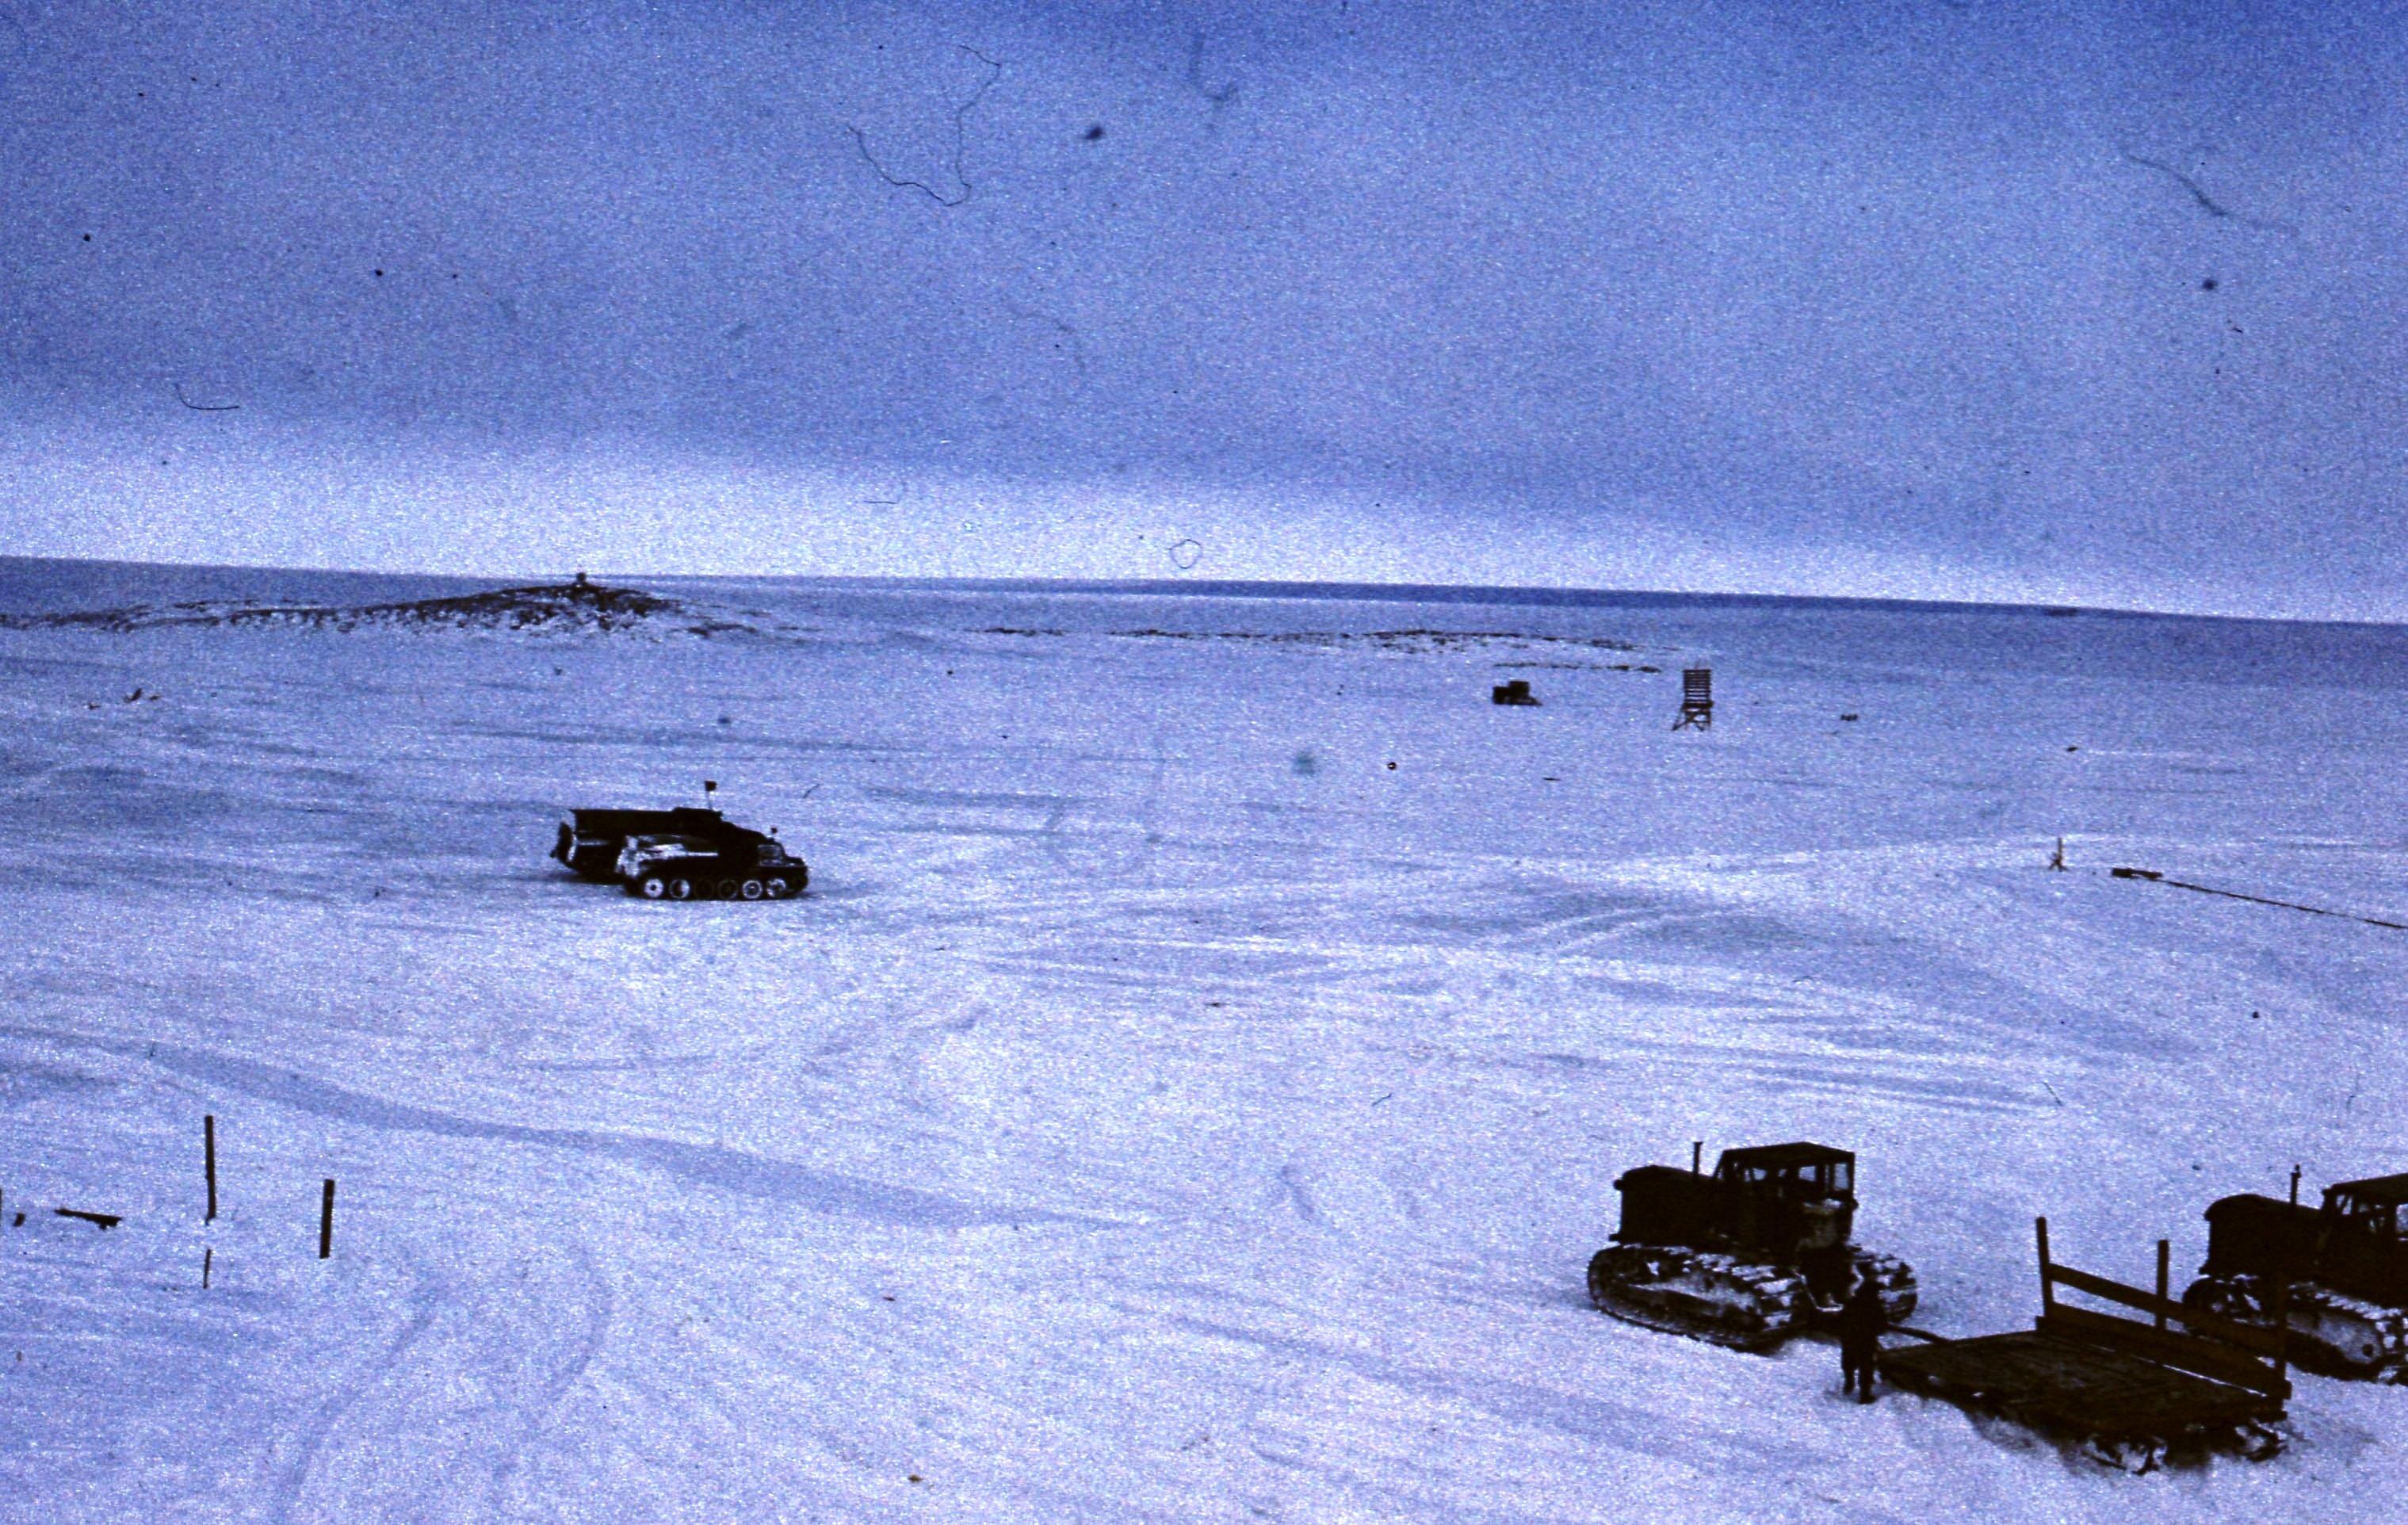 829619 Антарктическая станция _Молодёжная_.jpg